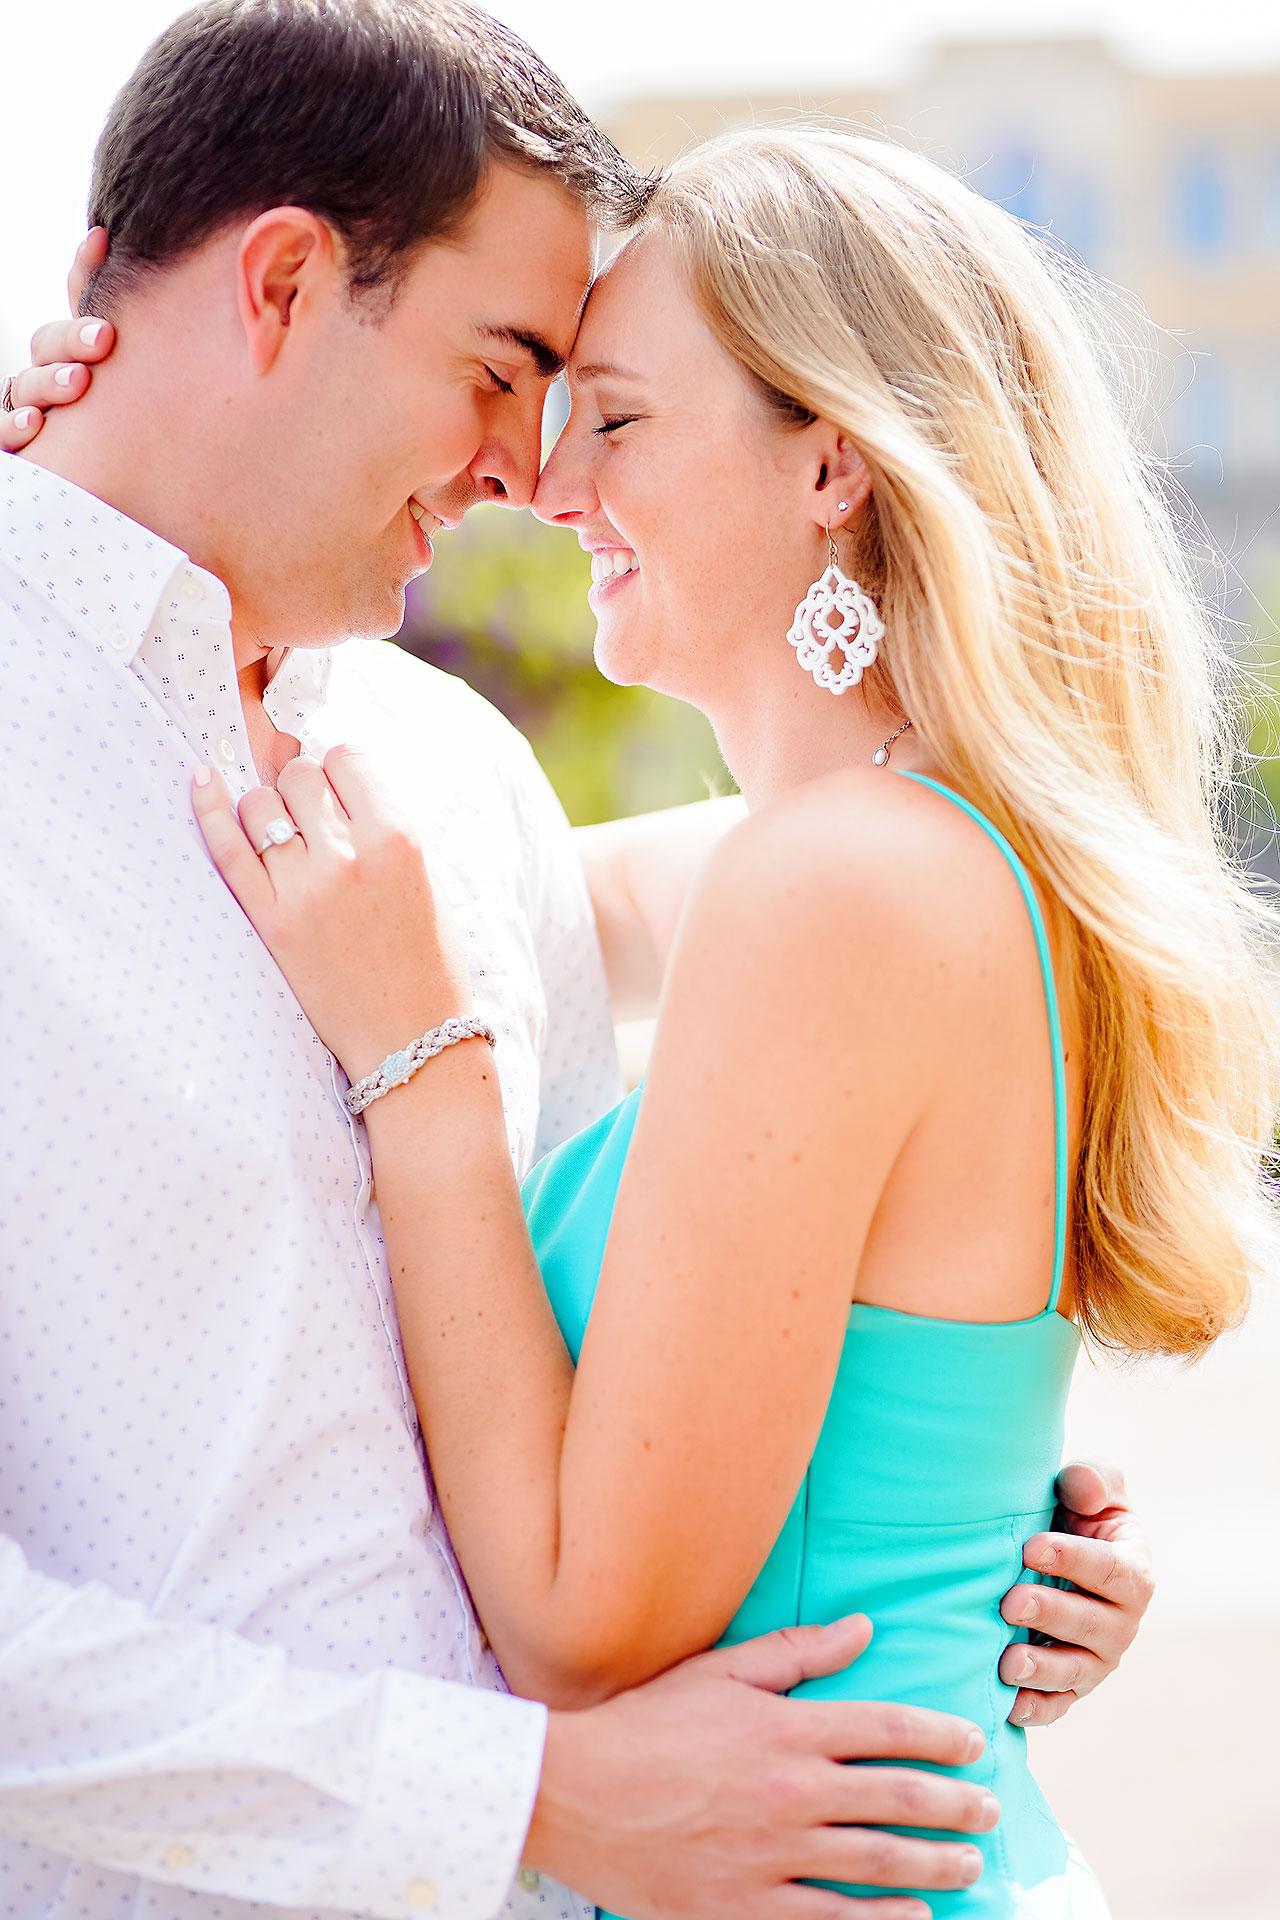 Liz Zach Midtown Carmel Engagement Session 092